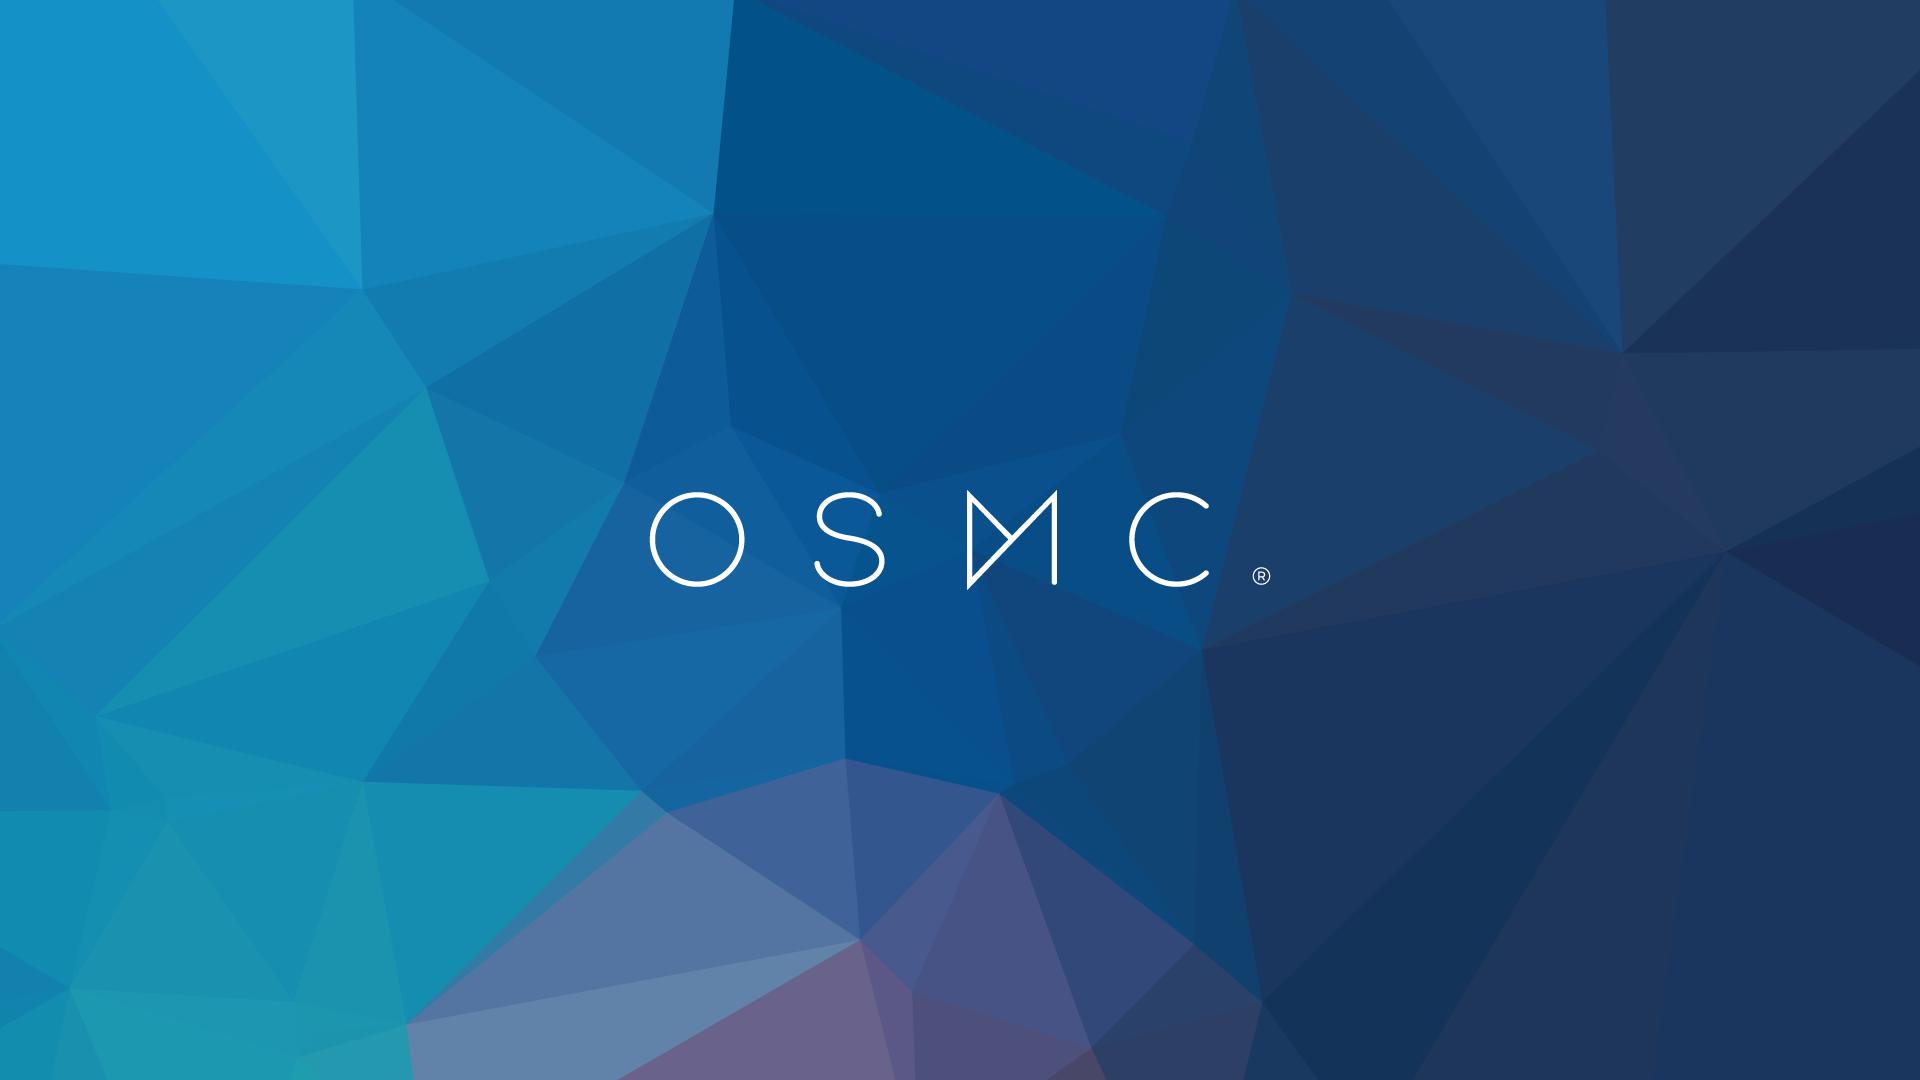 OSMC е дистрибуция, която осигурява KODI за Raspberry PI 3